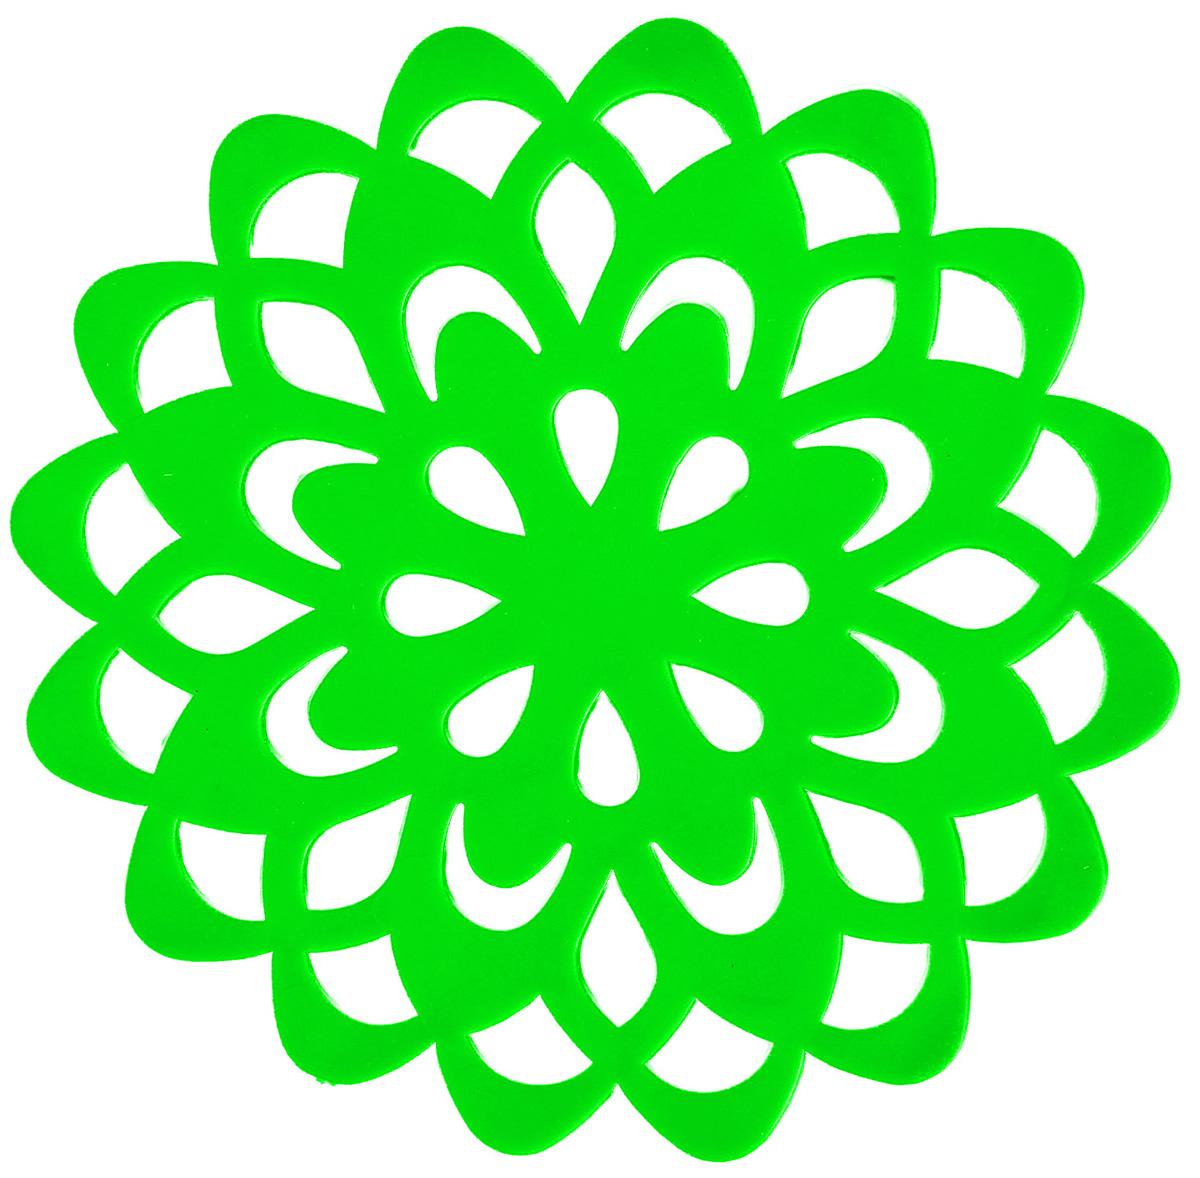 Набор подставок под горячее Доляна Воспоминание, цвет: зеленый, диаметр 10 см, 4 шт1153293_зеленыйНабор Доляна Воспоминание состоит из 4 силиконовых подставок под горячее. Силиконовая подставка под горячее - практичный предмет, который обязательно пригодится в хозяйстве. Изделие поможет сберечь столы, тумбы, скатерти и клеёнки от повреждения нагретыми сковородами, кастрюлями, чайниками и тарелками.